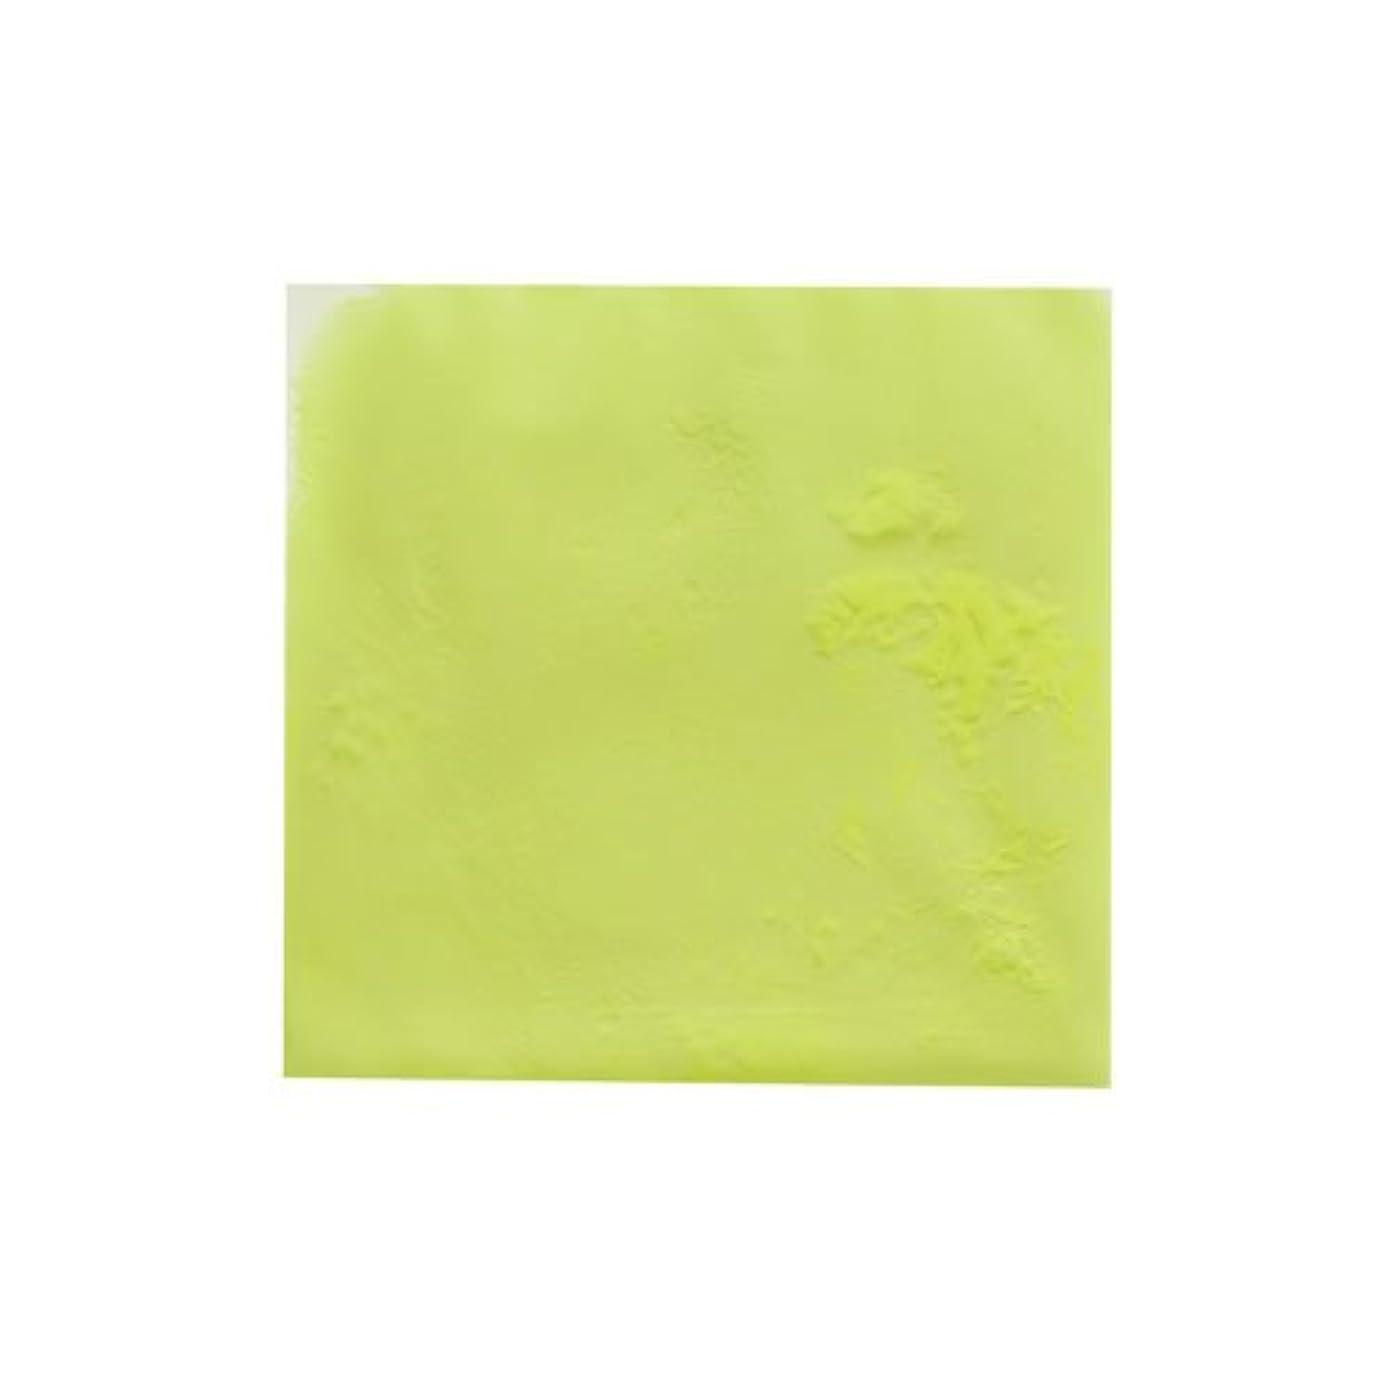 プログレッシブマイクロプロセッサ欠如ピカエース ネイル用パウダー ピカエース 夜光顔料 蓄光性 #105 レモン 3g アート材